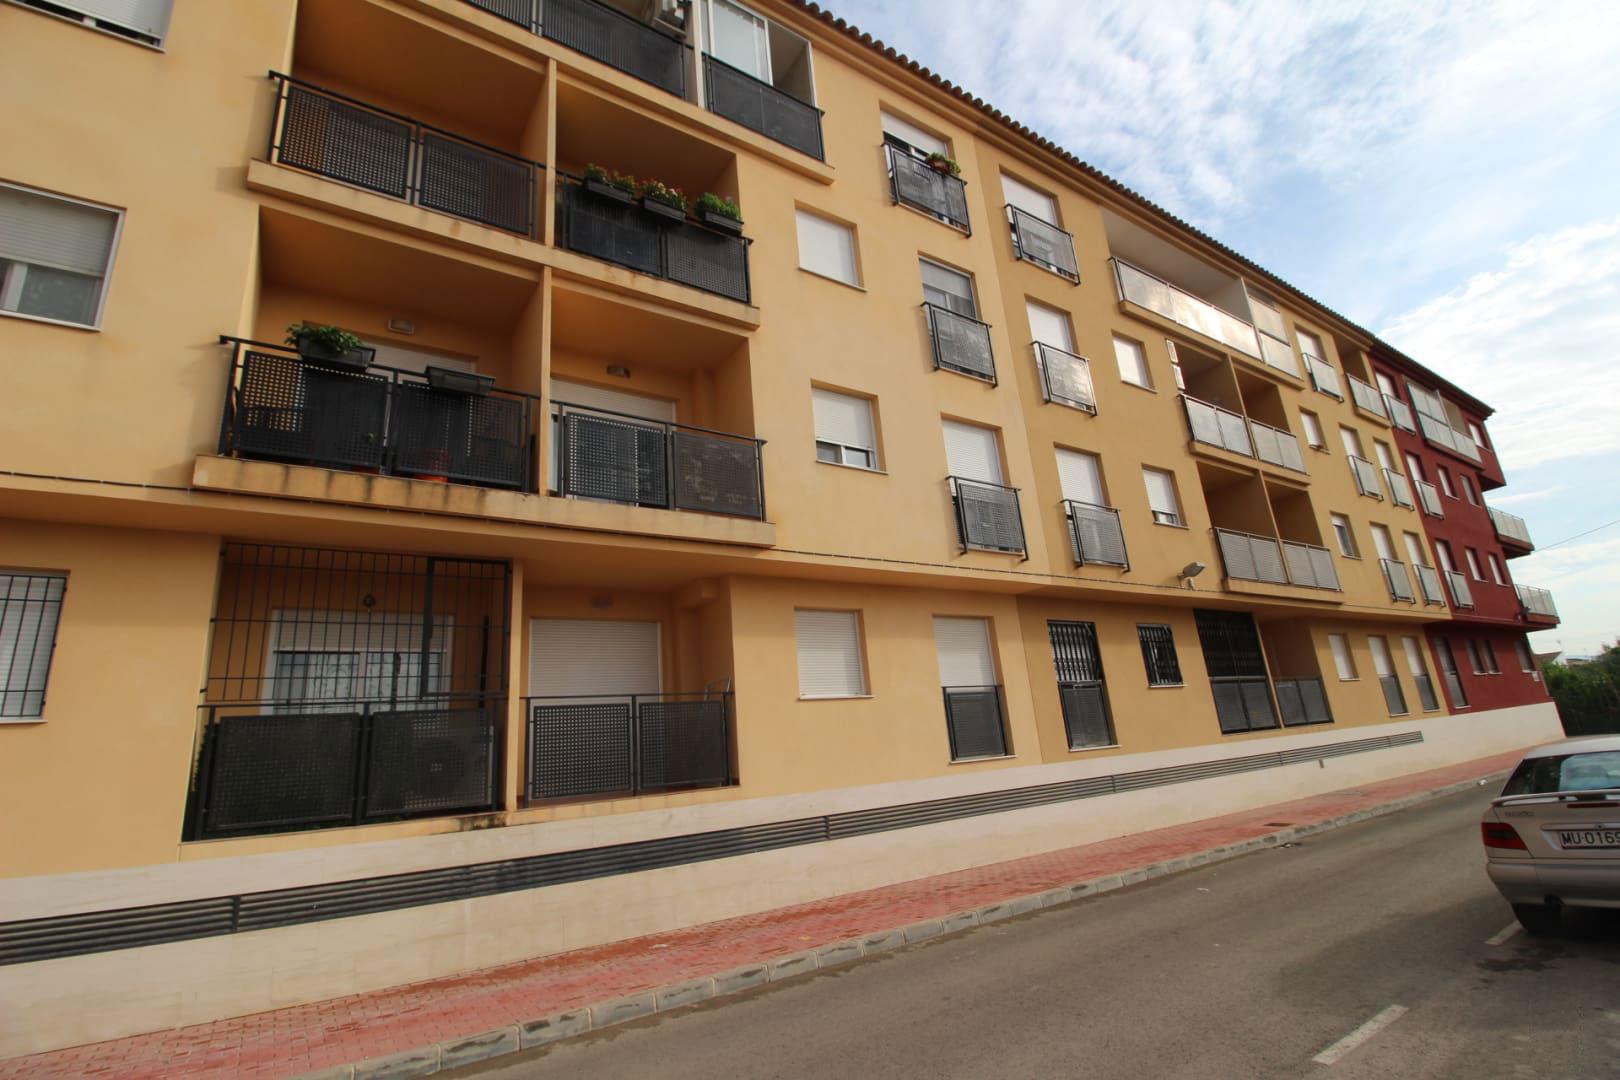 Piso en venta en Pedanía de El Raal, Murcia, Murcia, Calle Miguel de la Nieves, 104.700 €, 4 habitaciones, 2 baños, 147 m2